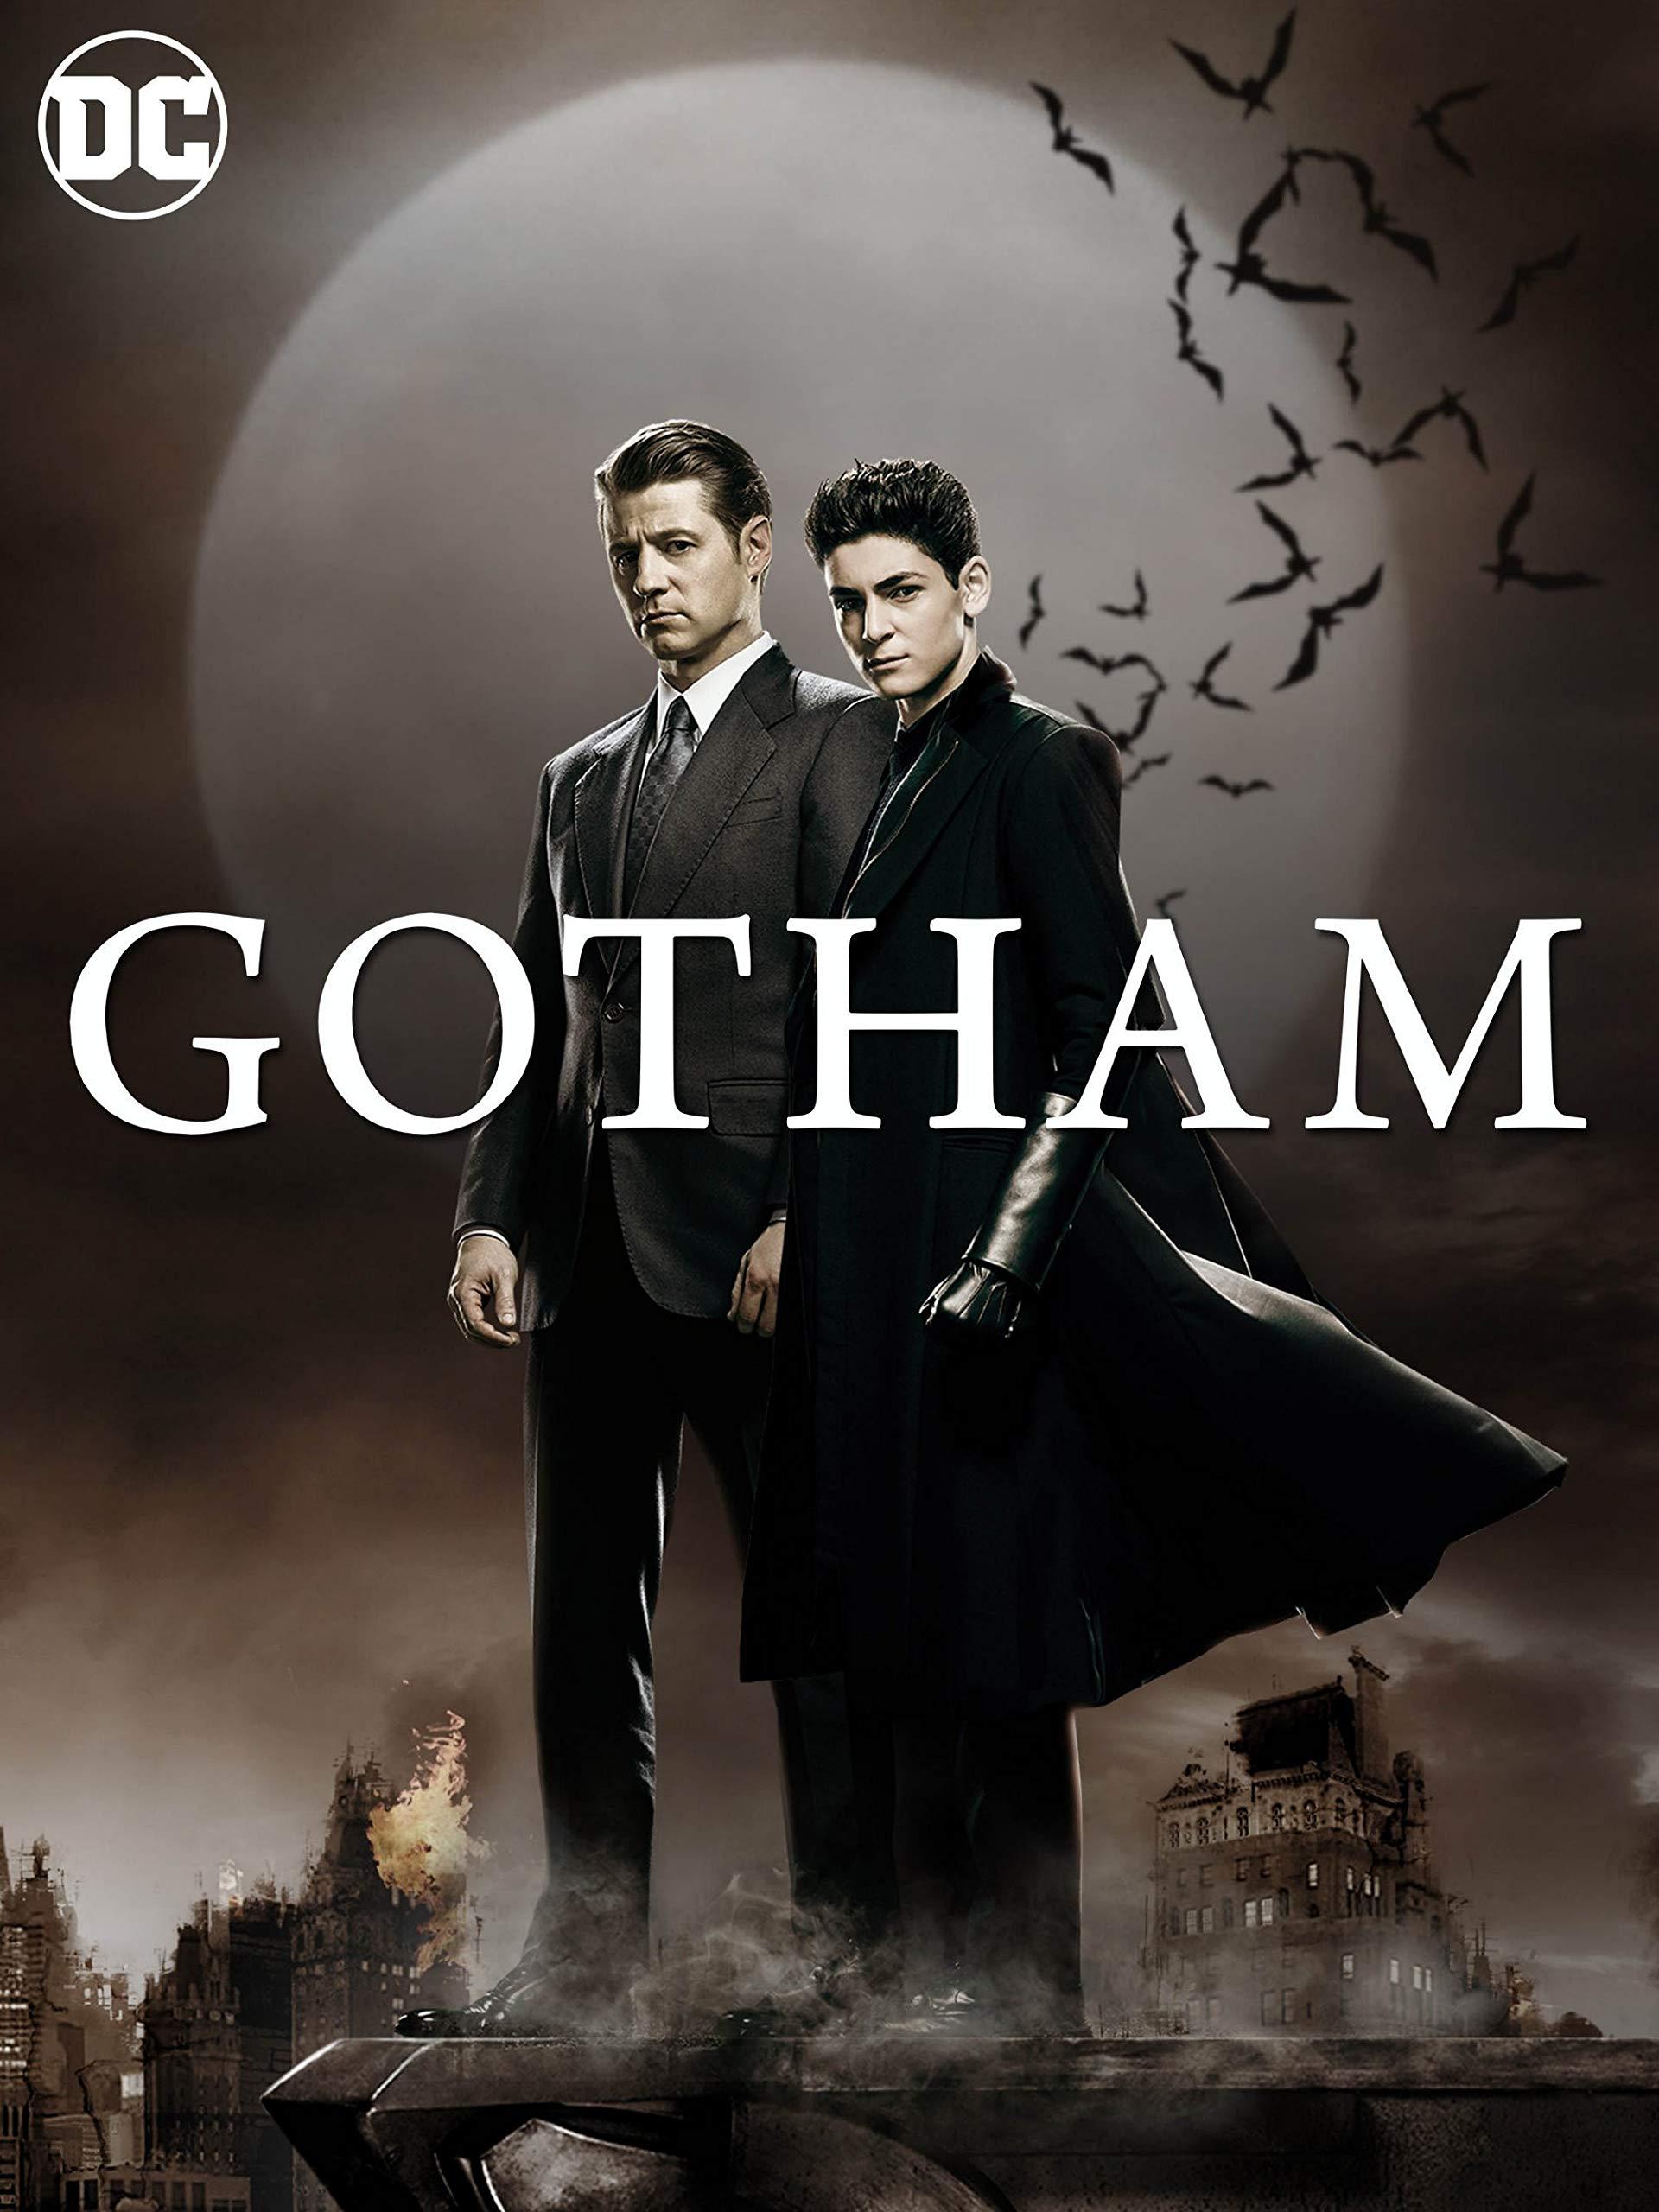 Gotham Anschauen